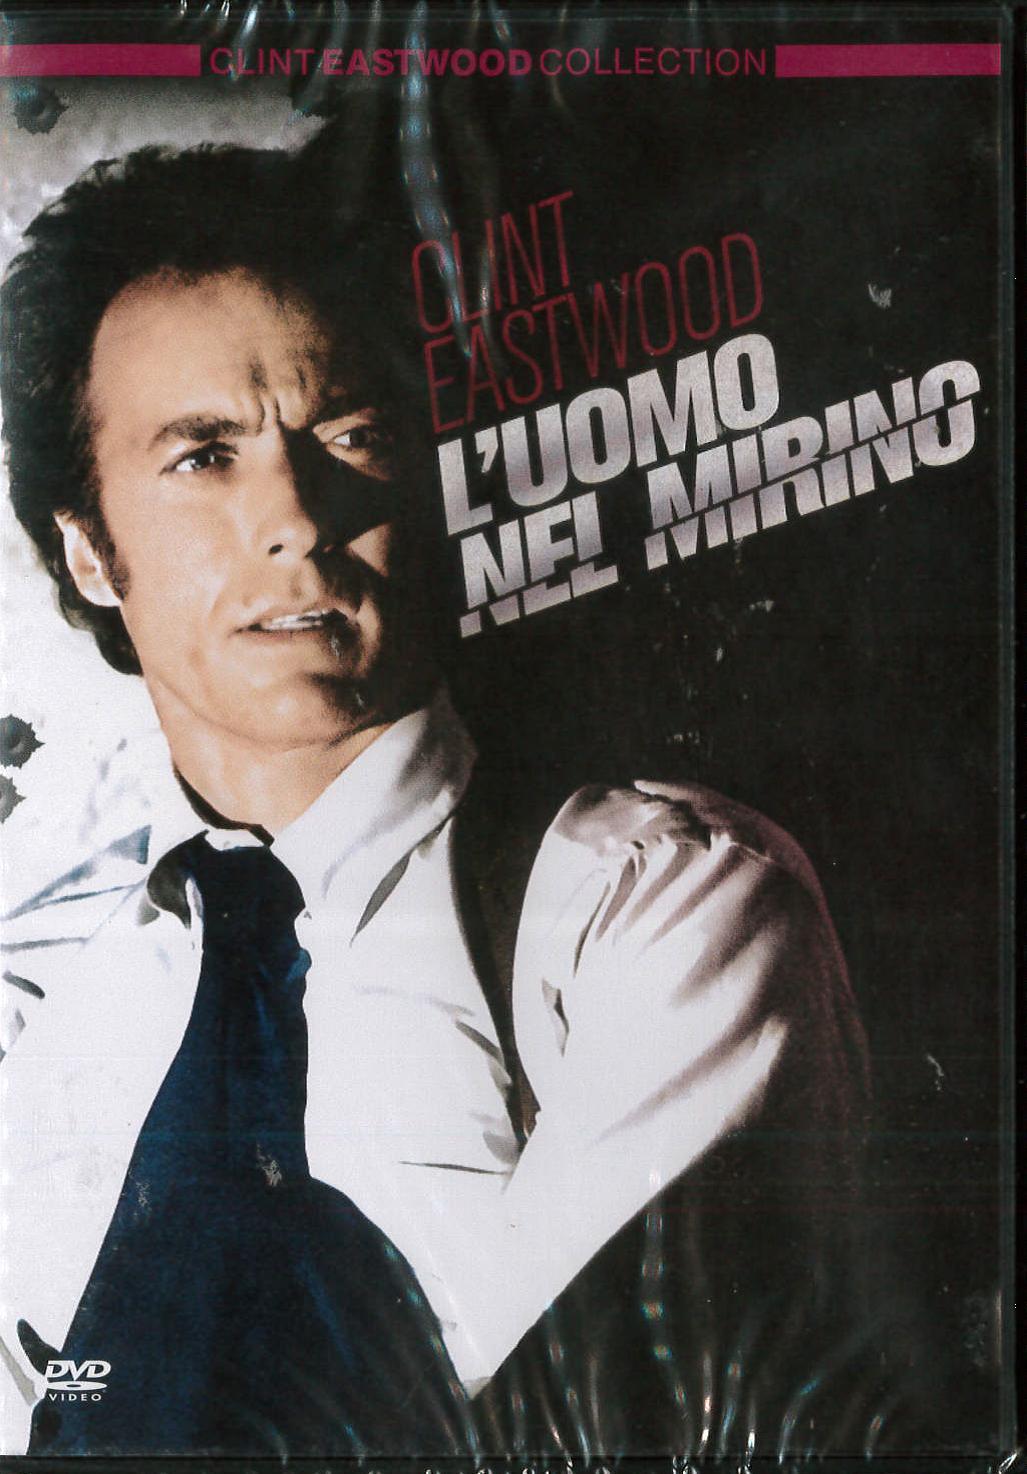 L'UOMO NEL MIRINO (DVD)